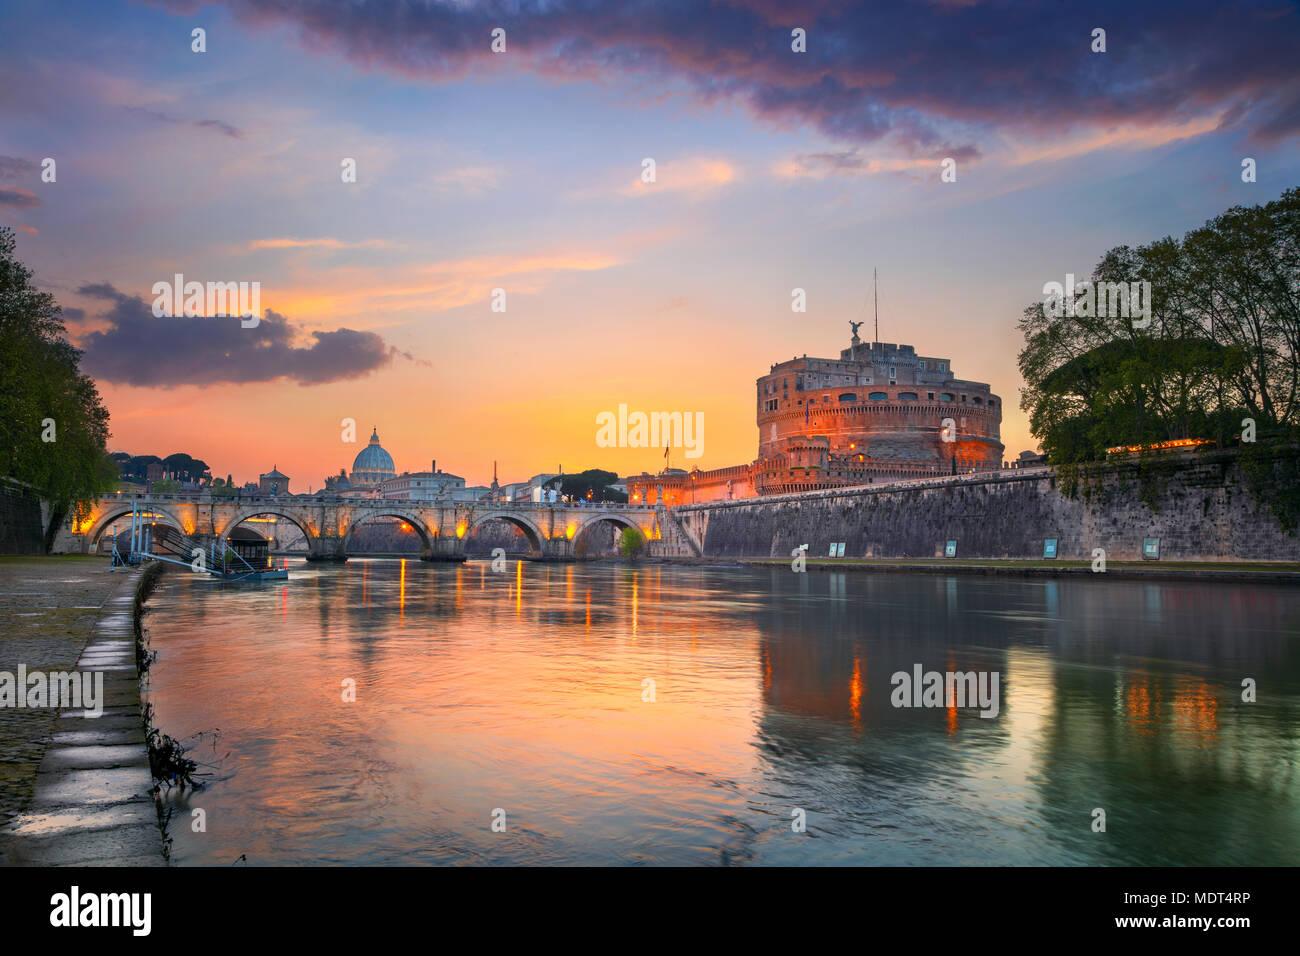 Roma. Imagen de el Castillo del Santo Ángel y Santo Ángel Puente sobre el río Tíber en Roma al atardecer. Imagen De Stock